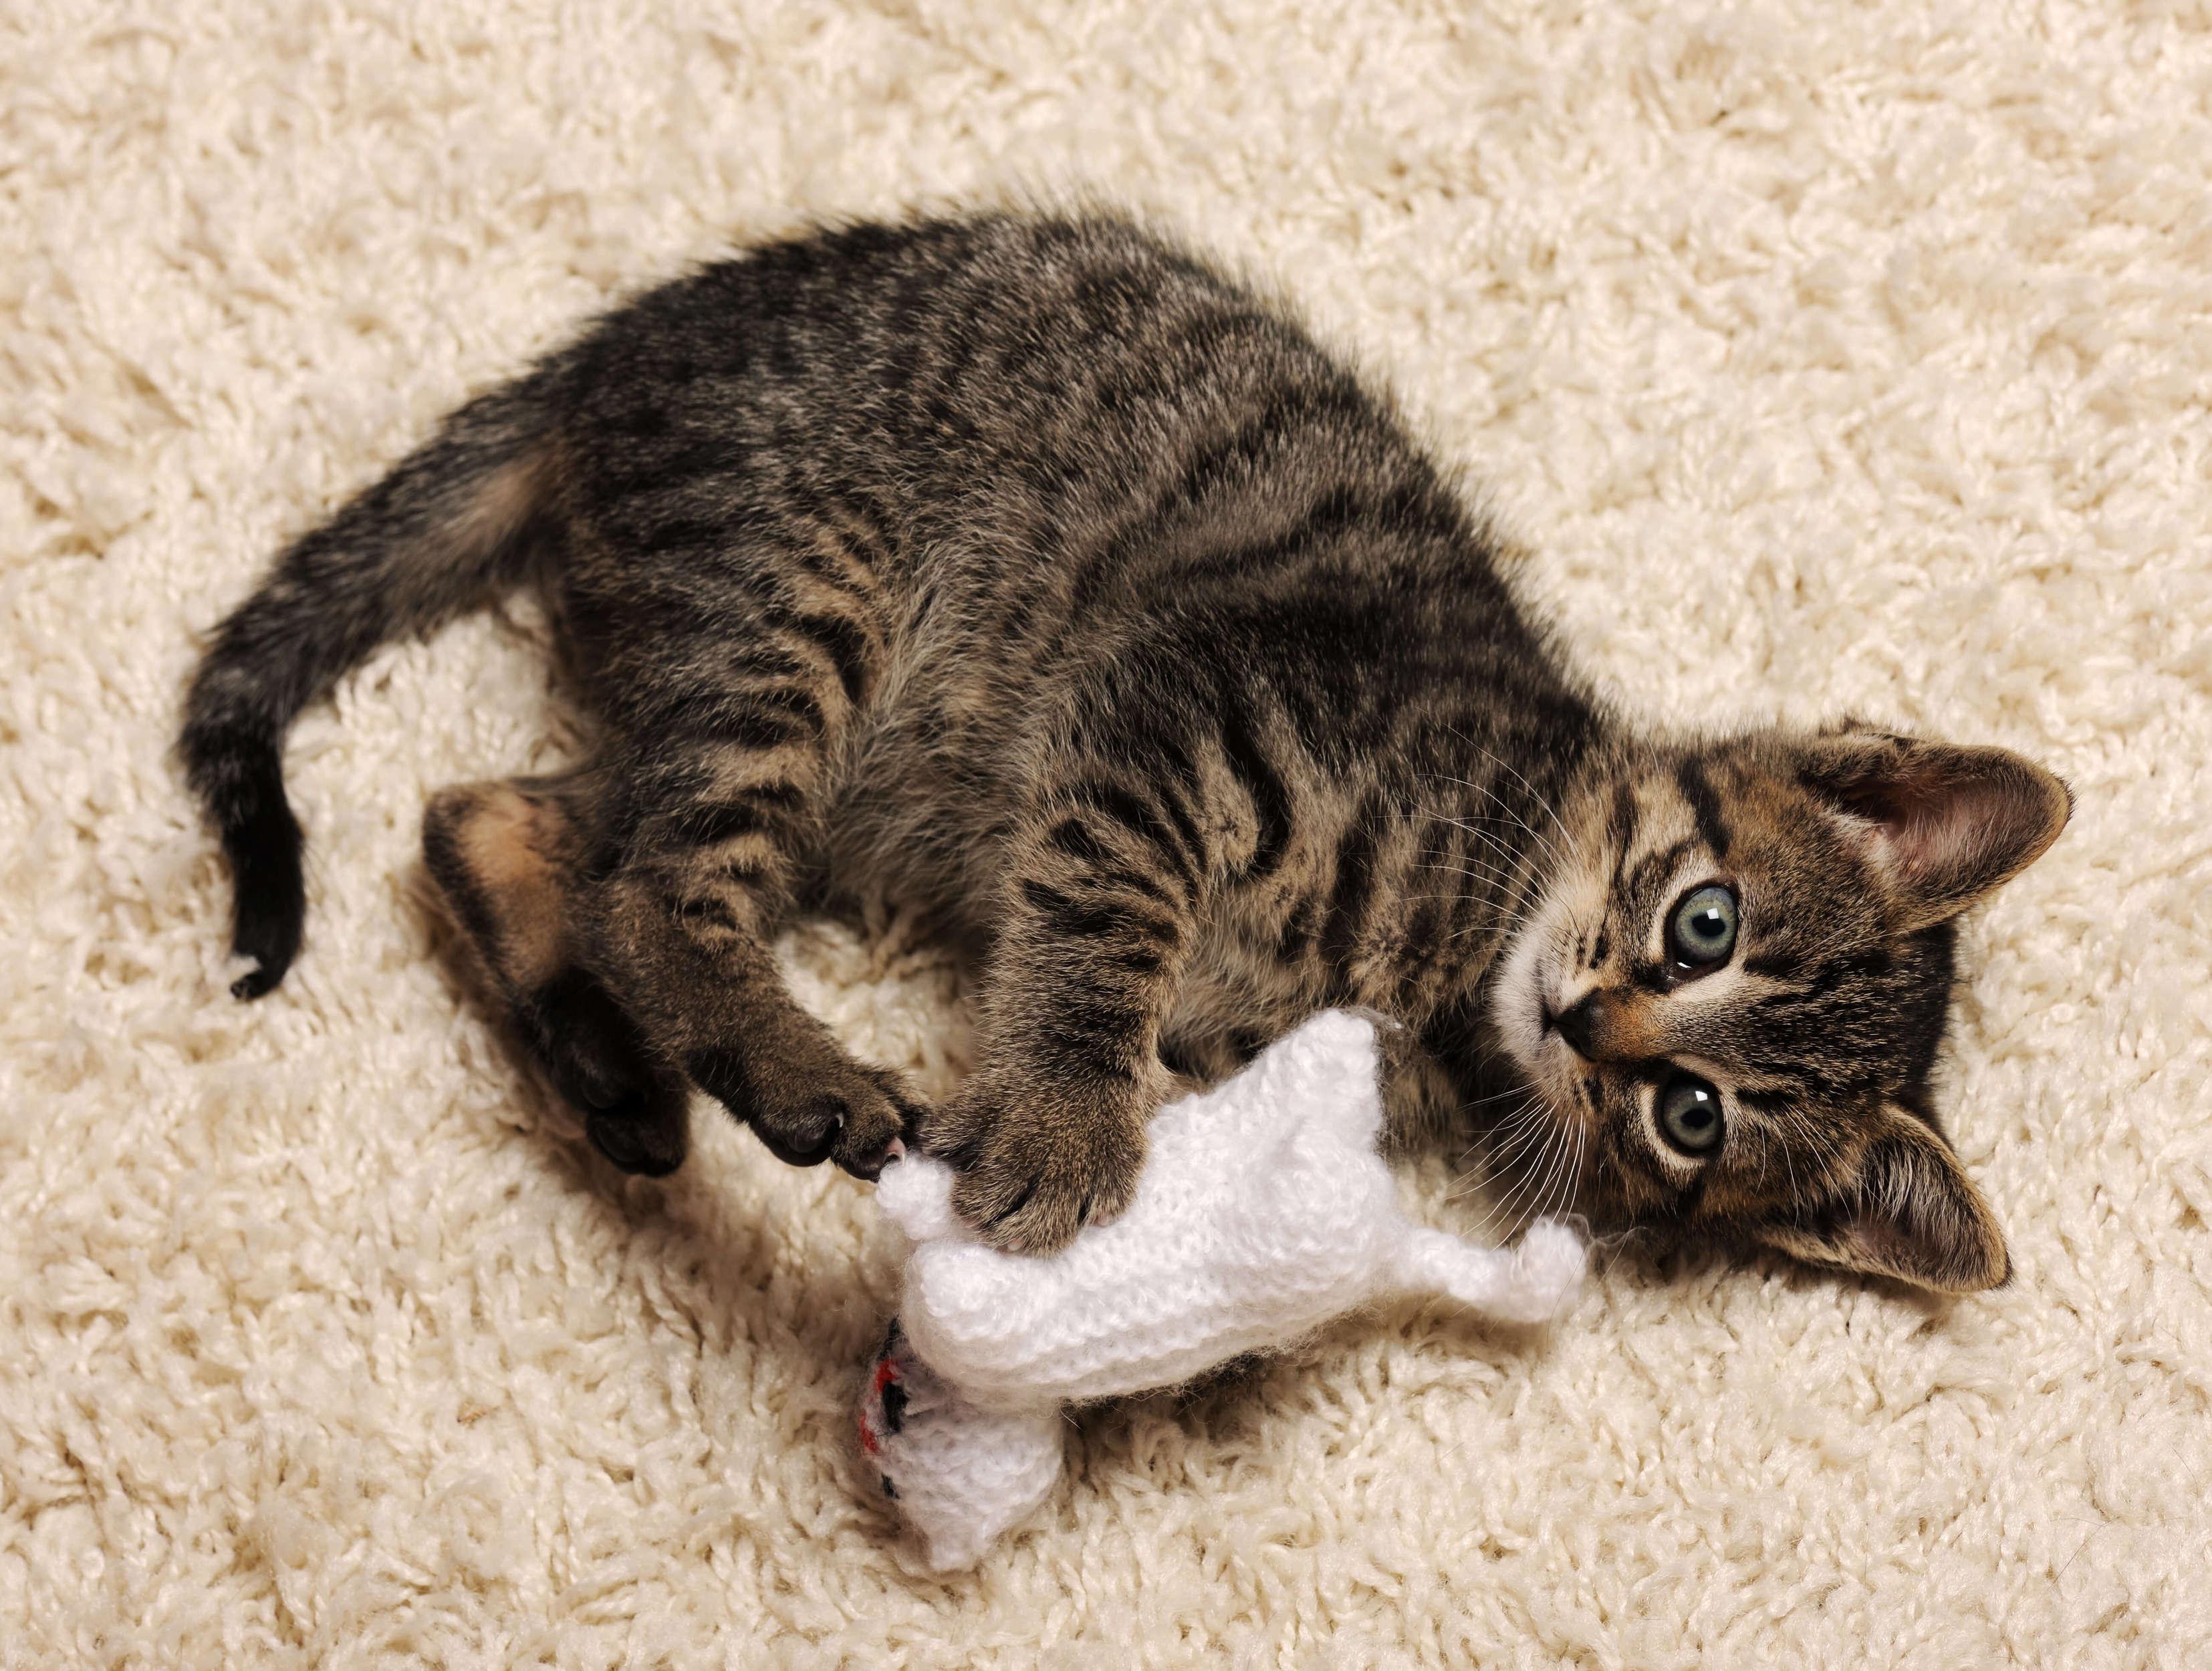 örgü oyuncakla oynayan yavru kedi